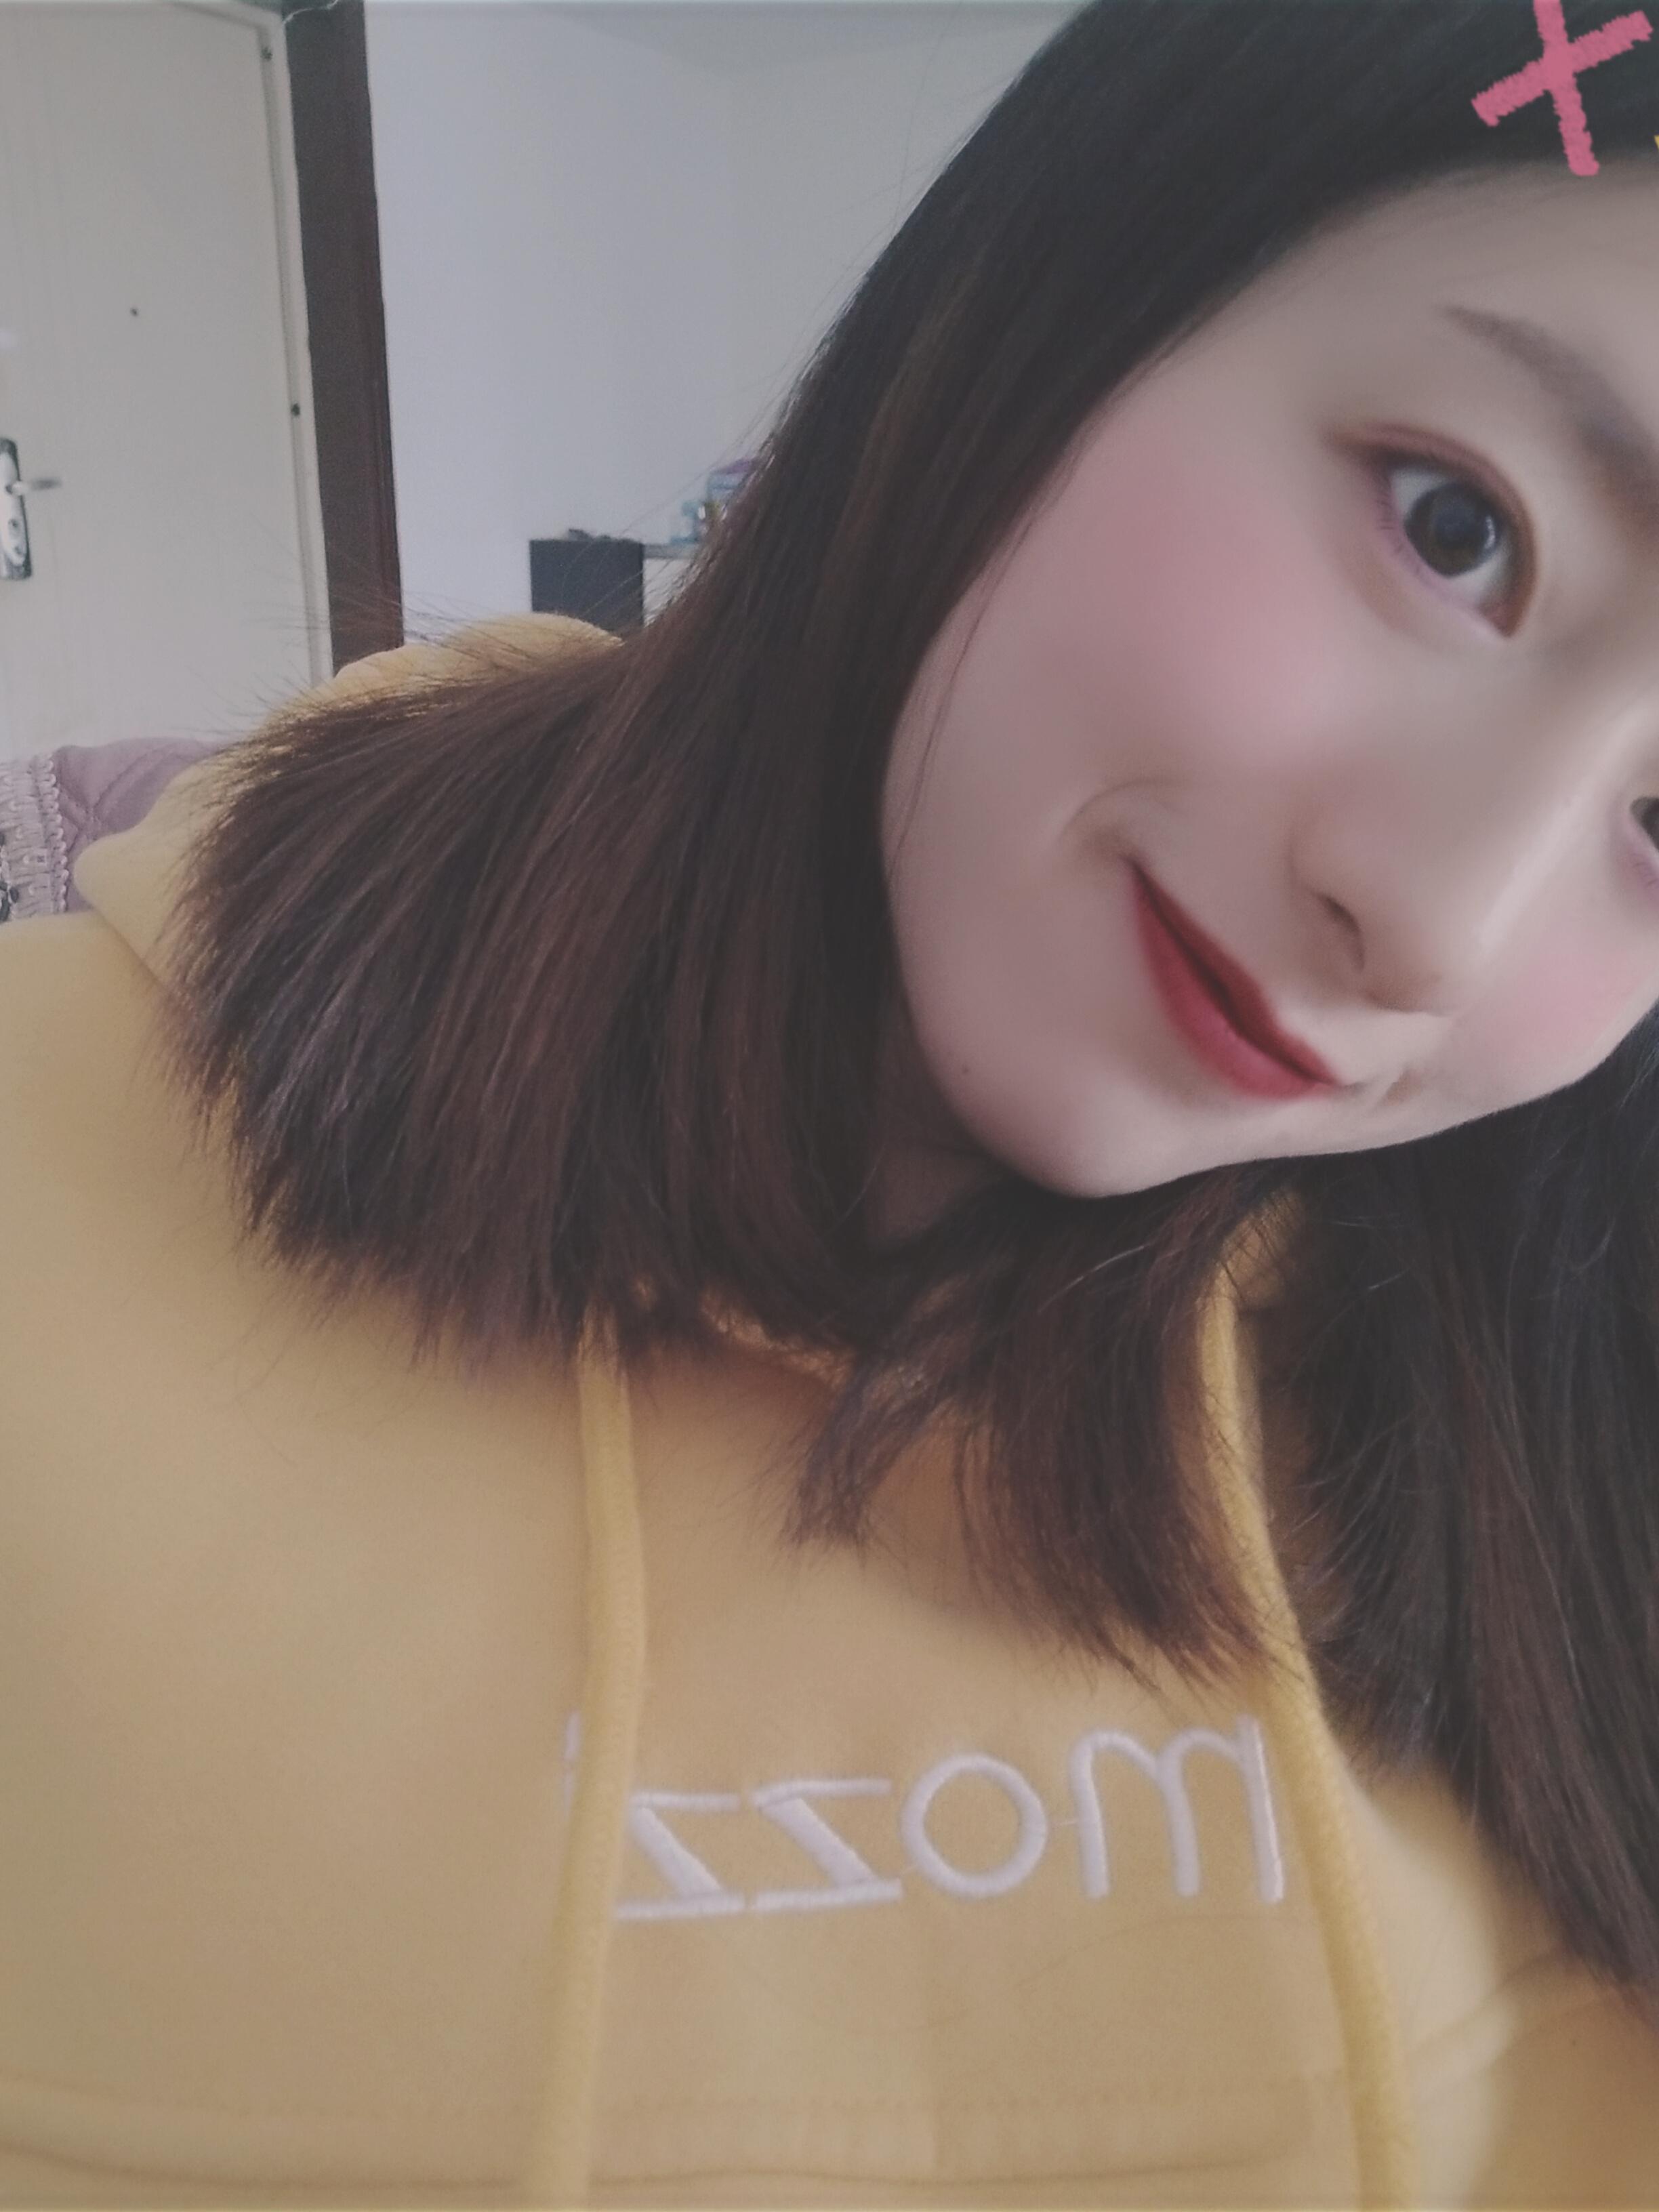 WuTa_2019-03-30_15-20-22.jpg